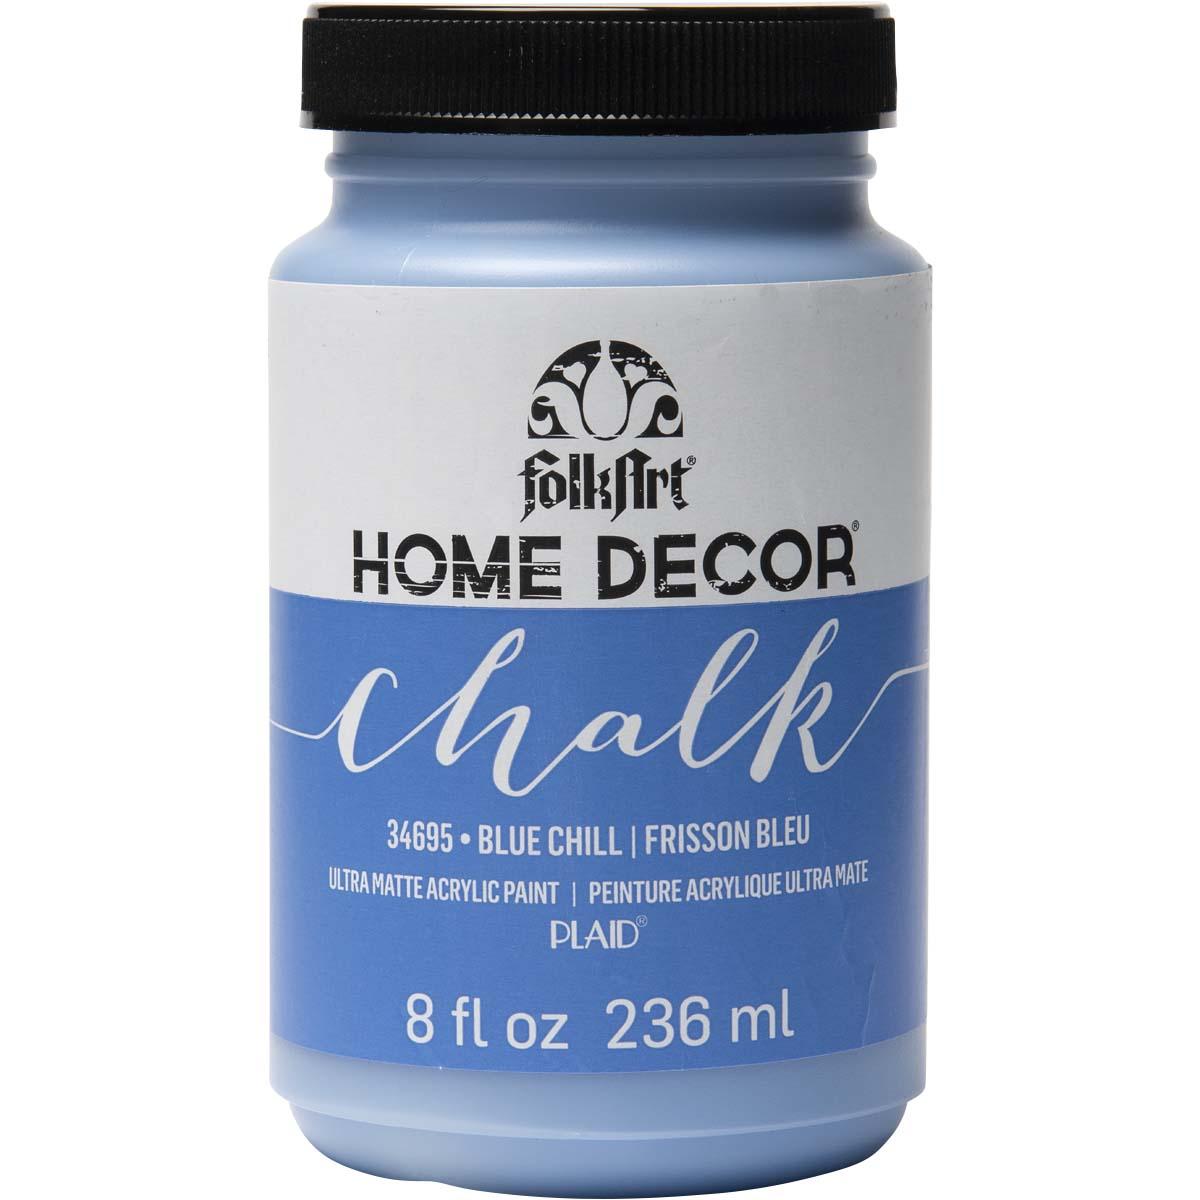 FolkArt ® Home Decor™ Chalk - Blue Chill, 8 oz.